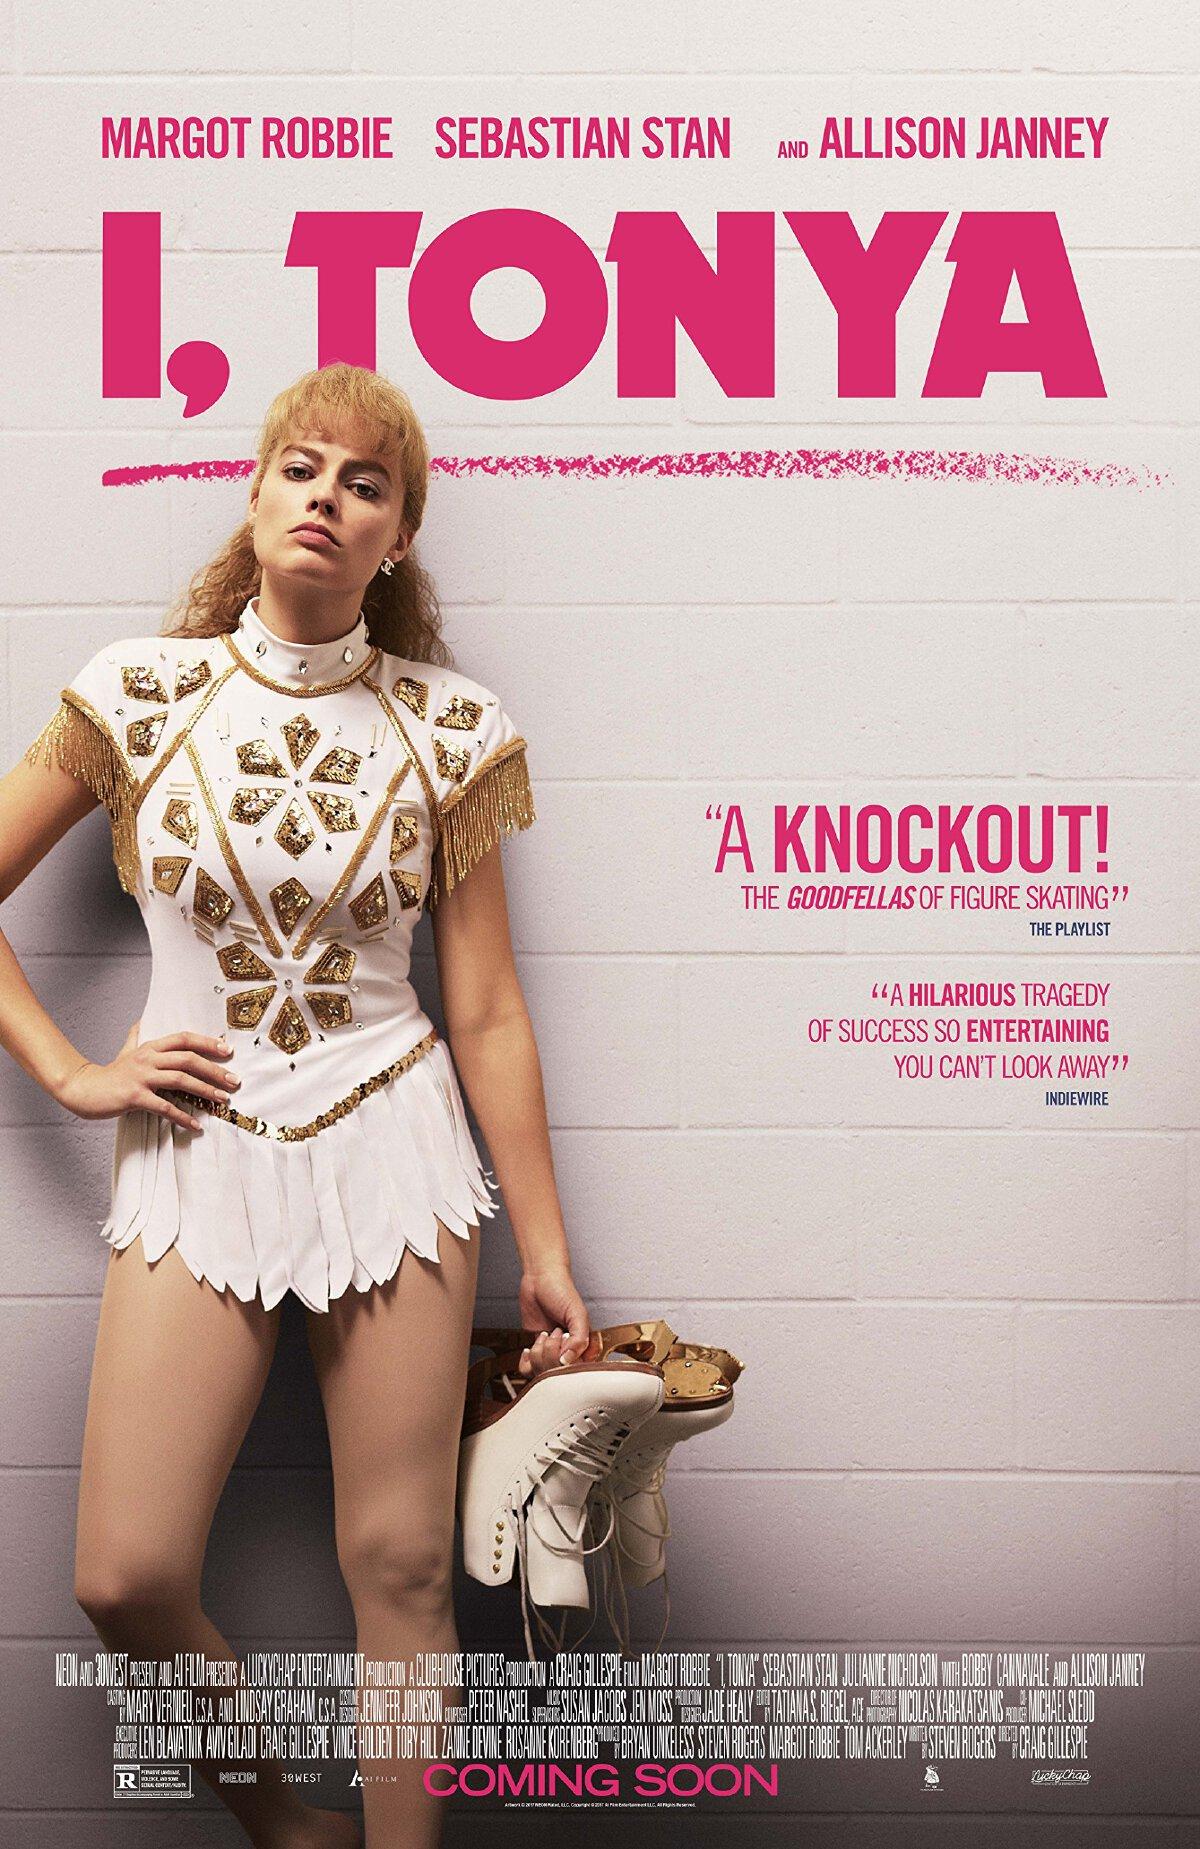 มาร์โกต์ ร็อบบี้ แสดงอย่างยอดเยี่ยมในภาพยนตร์ I, Tonya